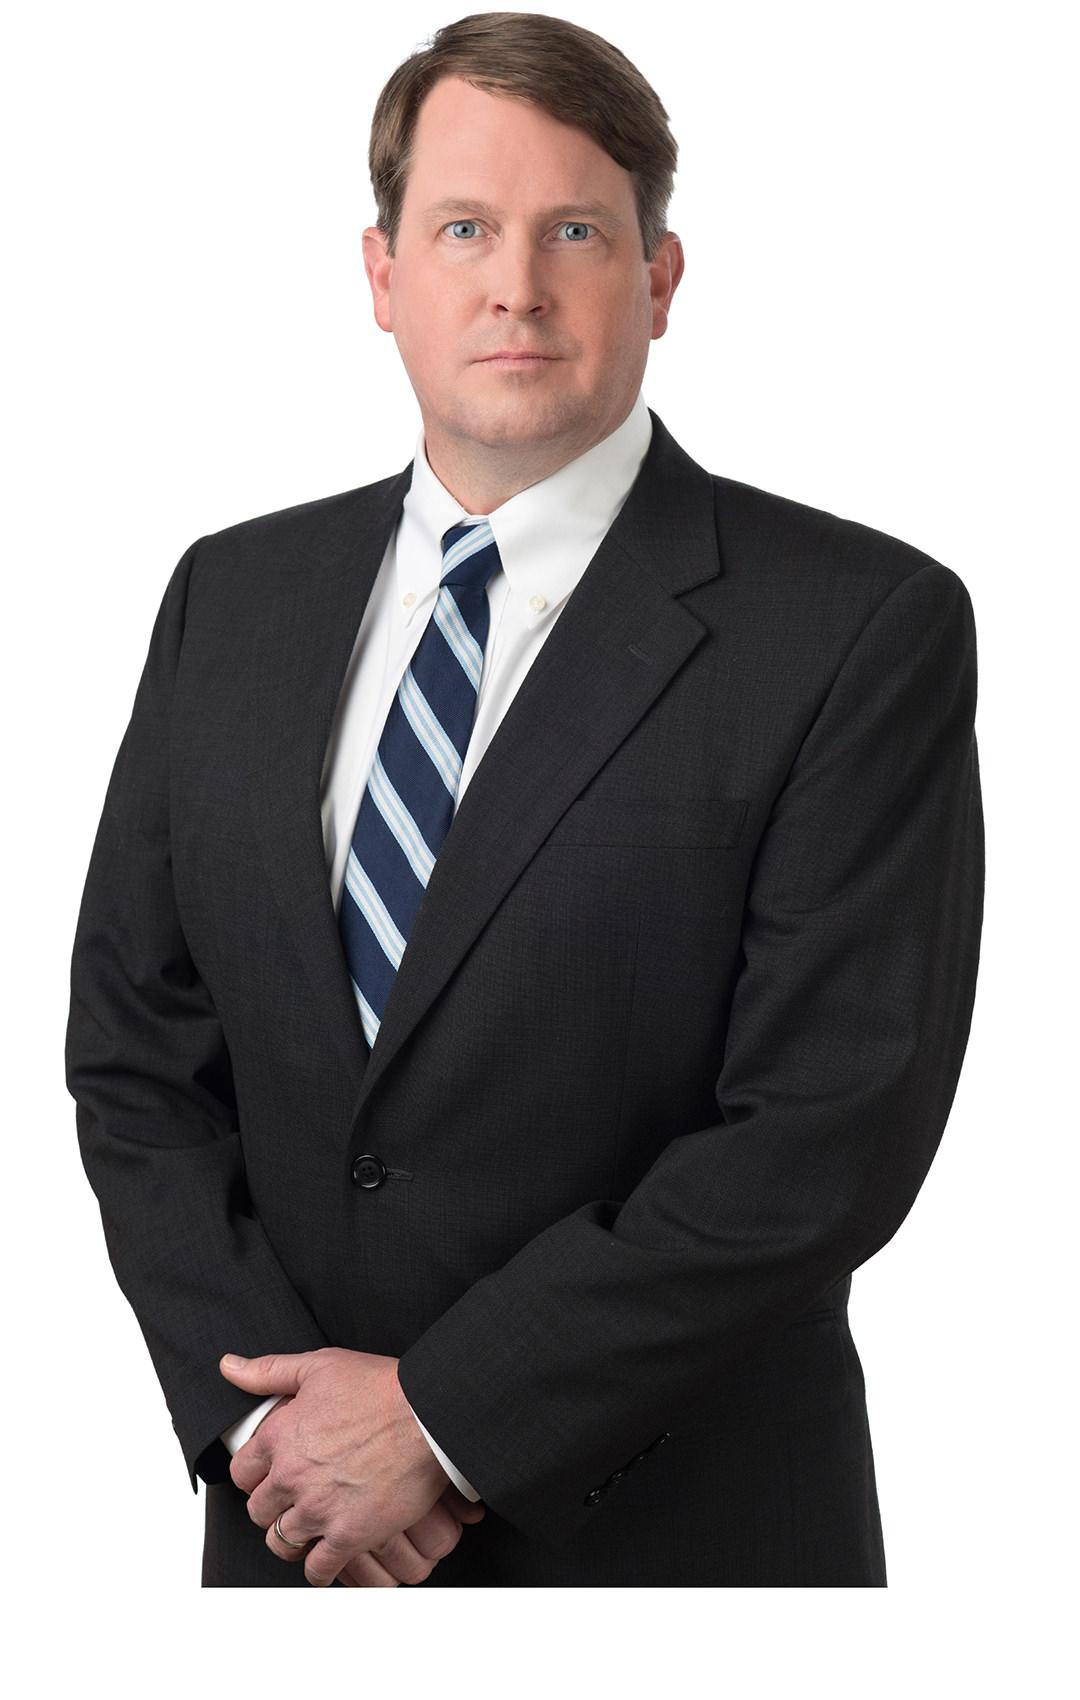 Kenneth C. Bruley